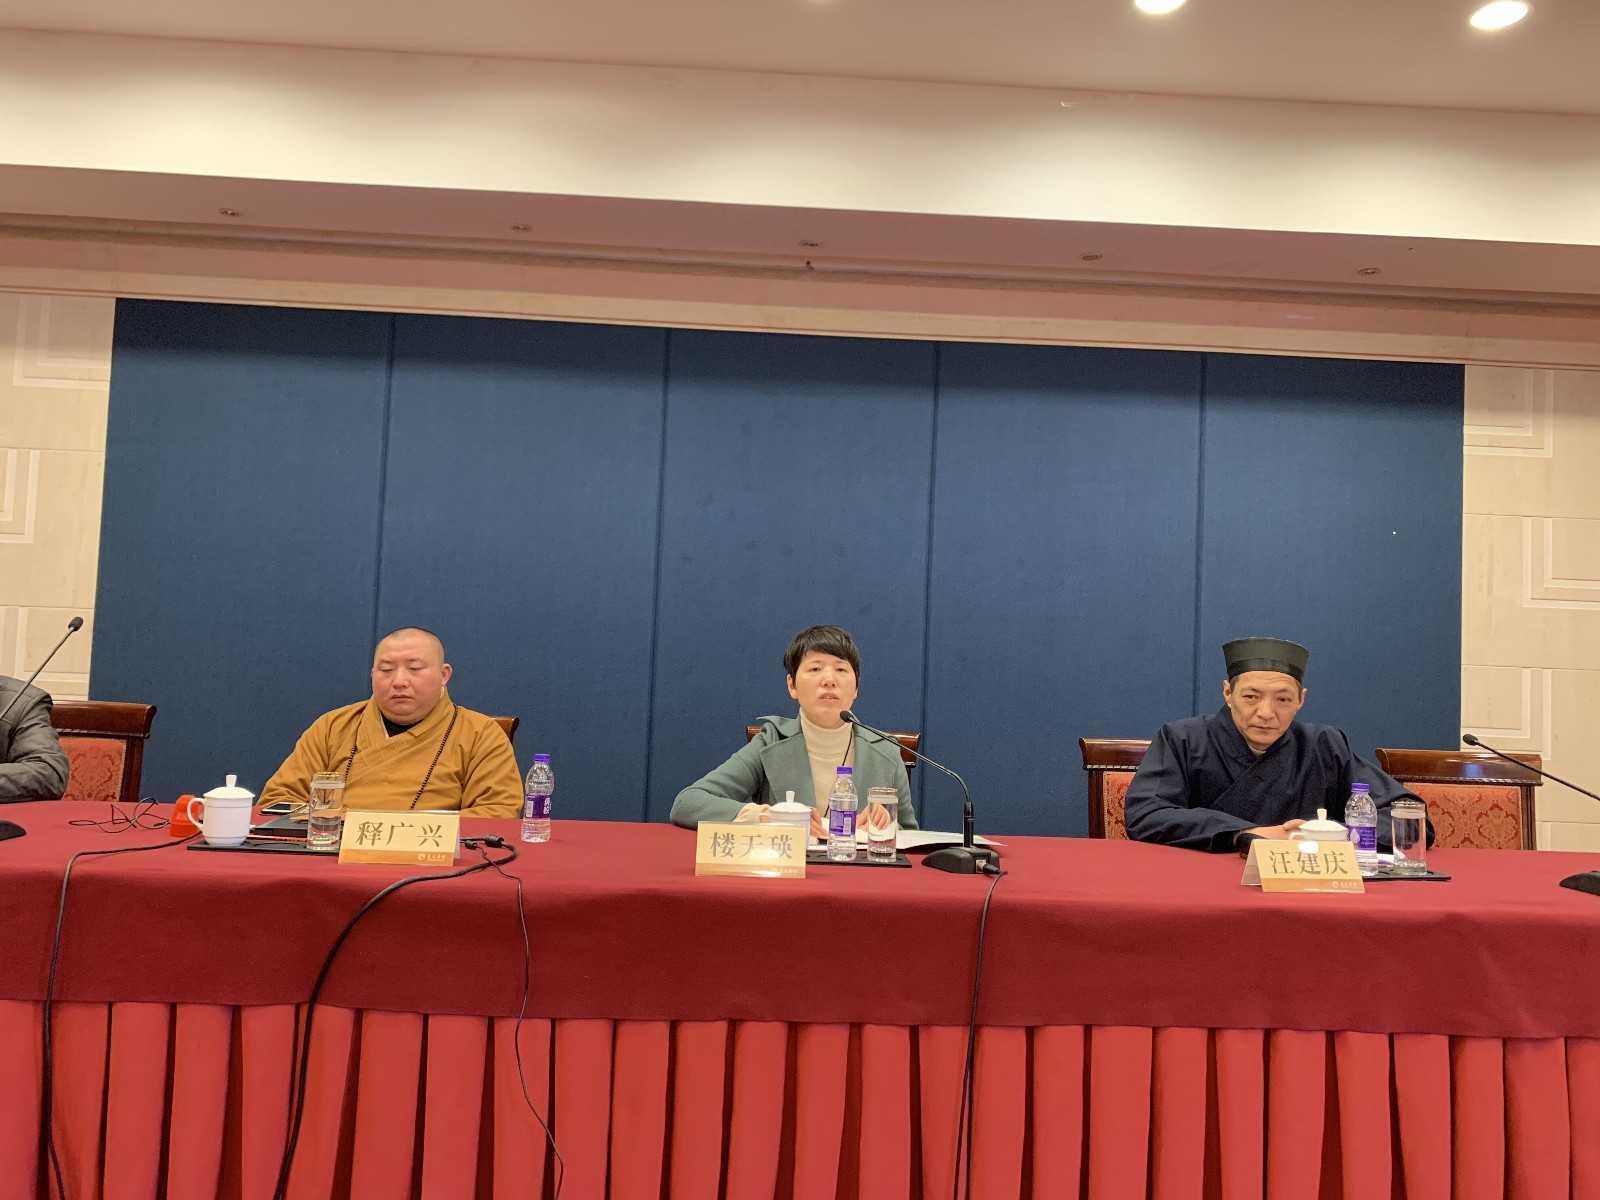 杭州萧山区民宗局召开佛道教场所安全会议